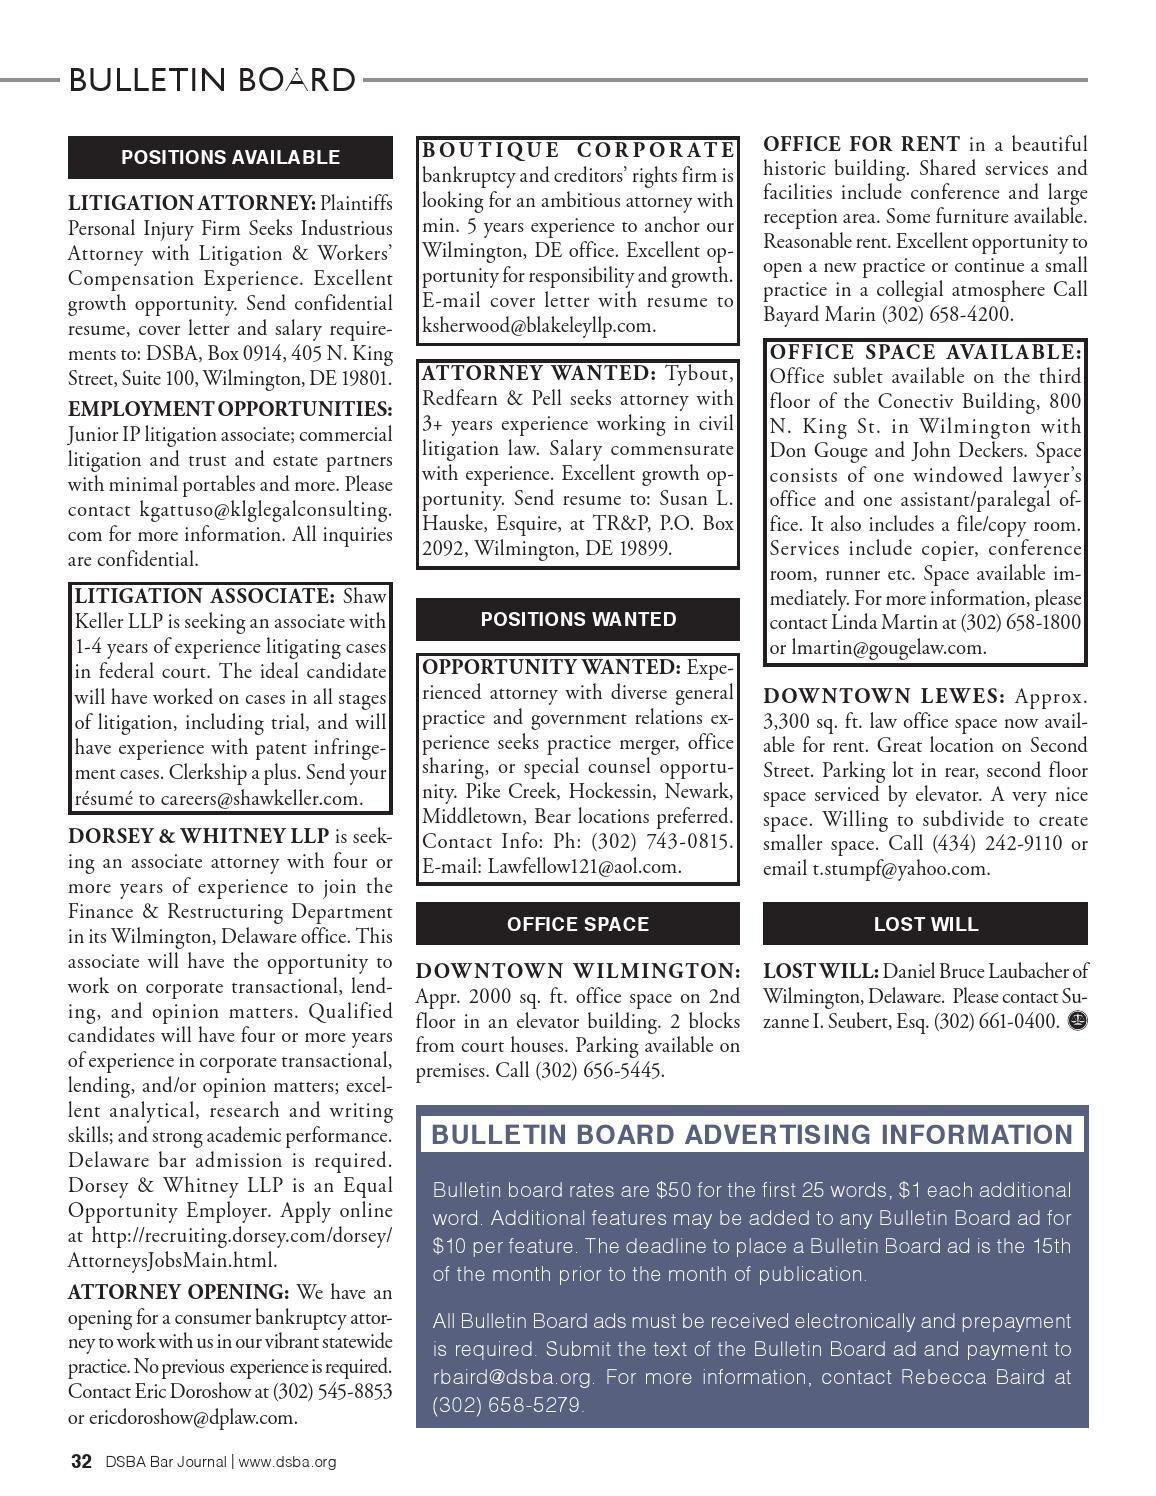 DSBA Bar Journal September 2014 by DSBAMedia - issuu